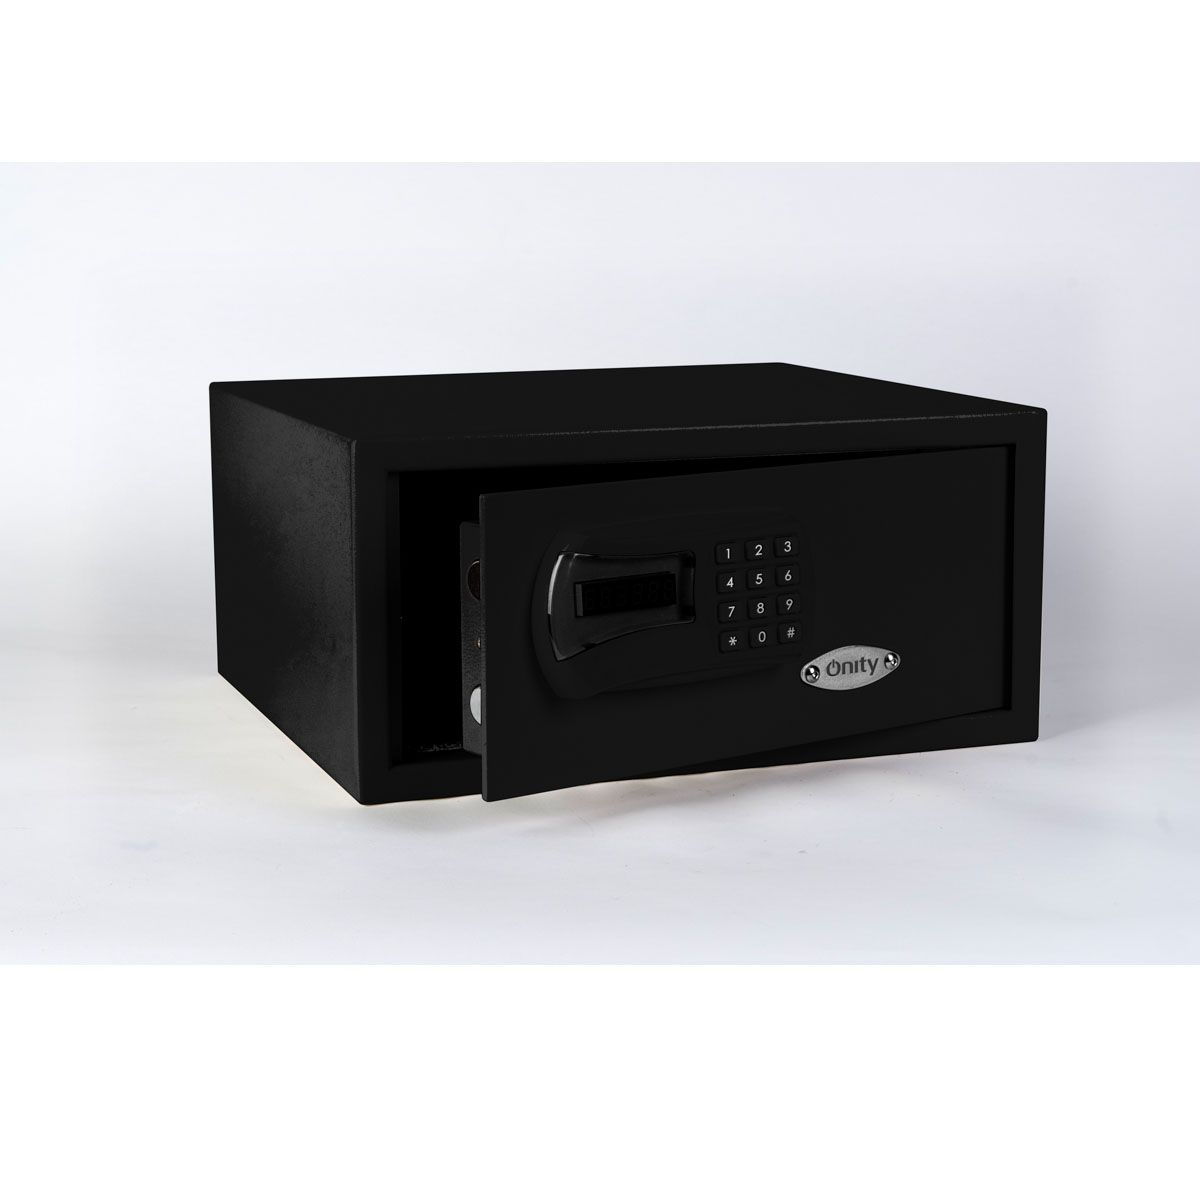 OS 200 Laptop